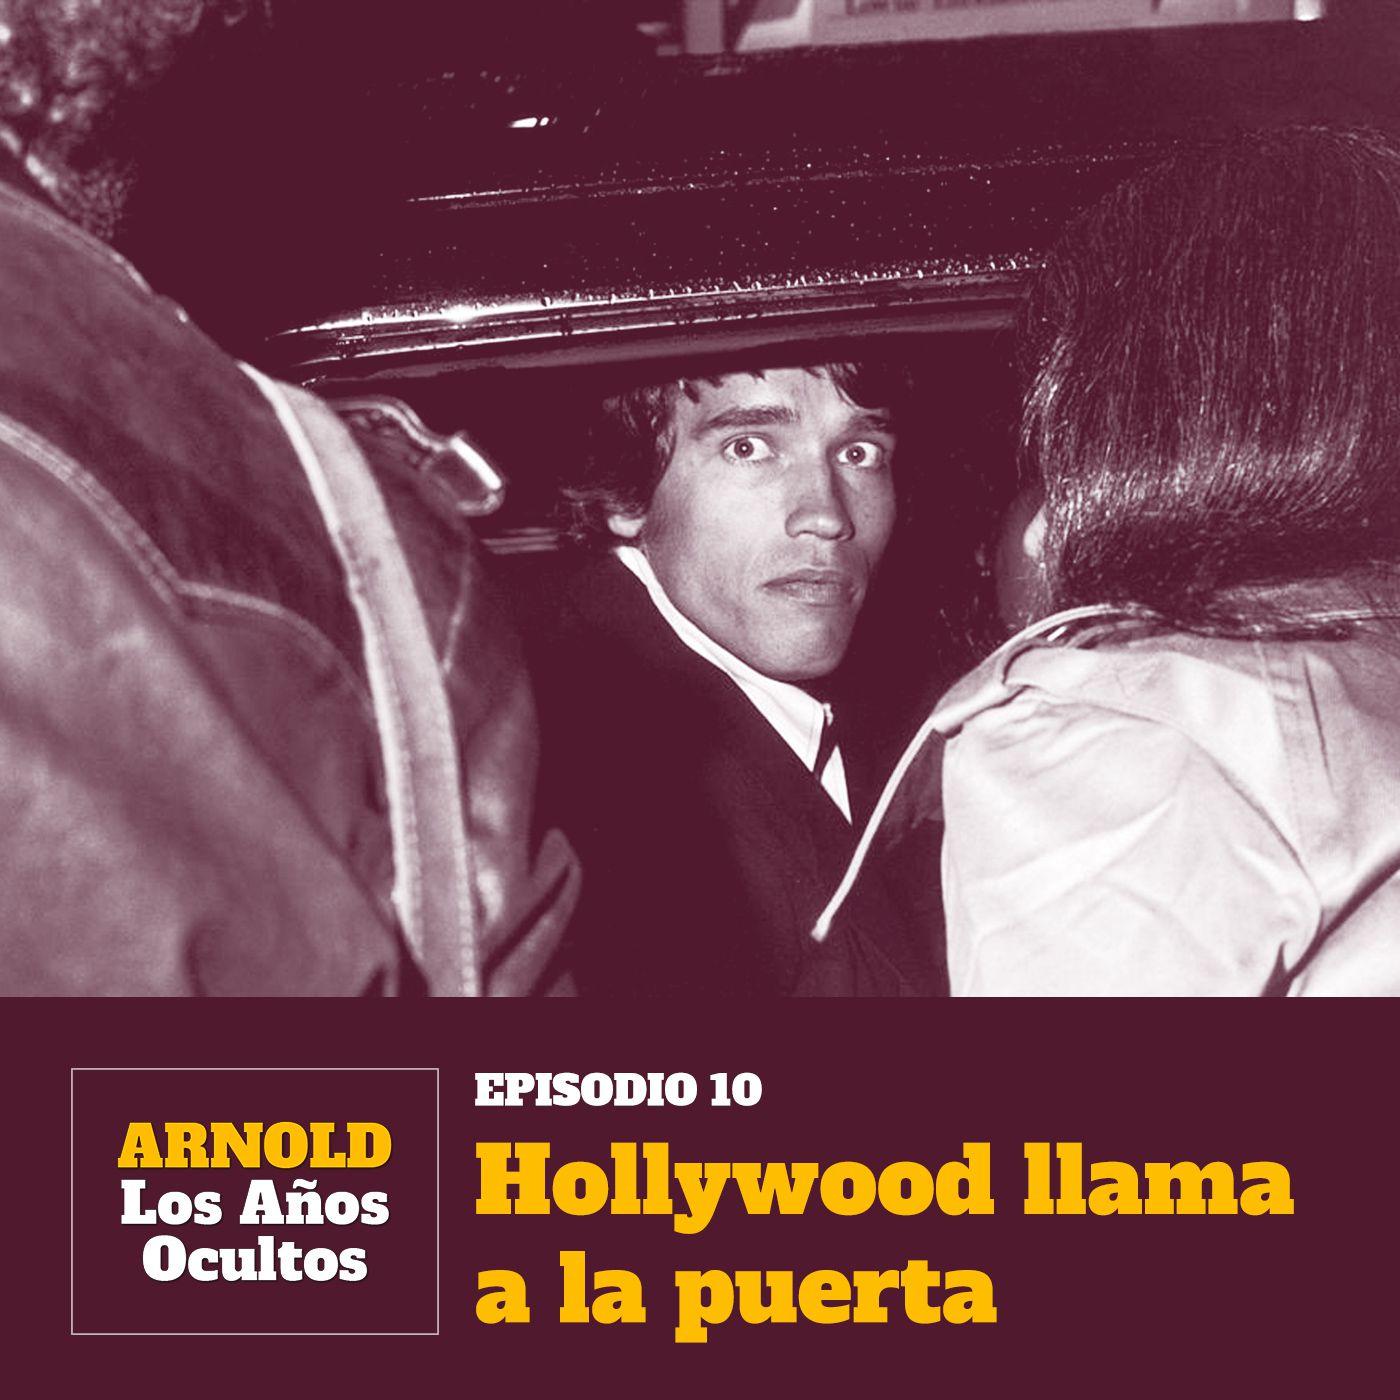 """""""Arnold: Los Años Ocultos"""" es un estupendo podcast de la productora """"Demasiado Cine"""" que nos cuenta las aventuras de Schwarzenegger para volverse estrella de Hollywood."""